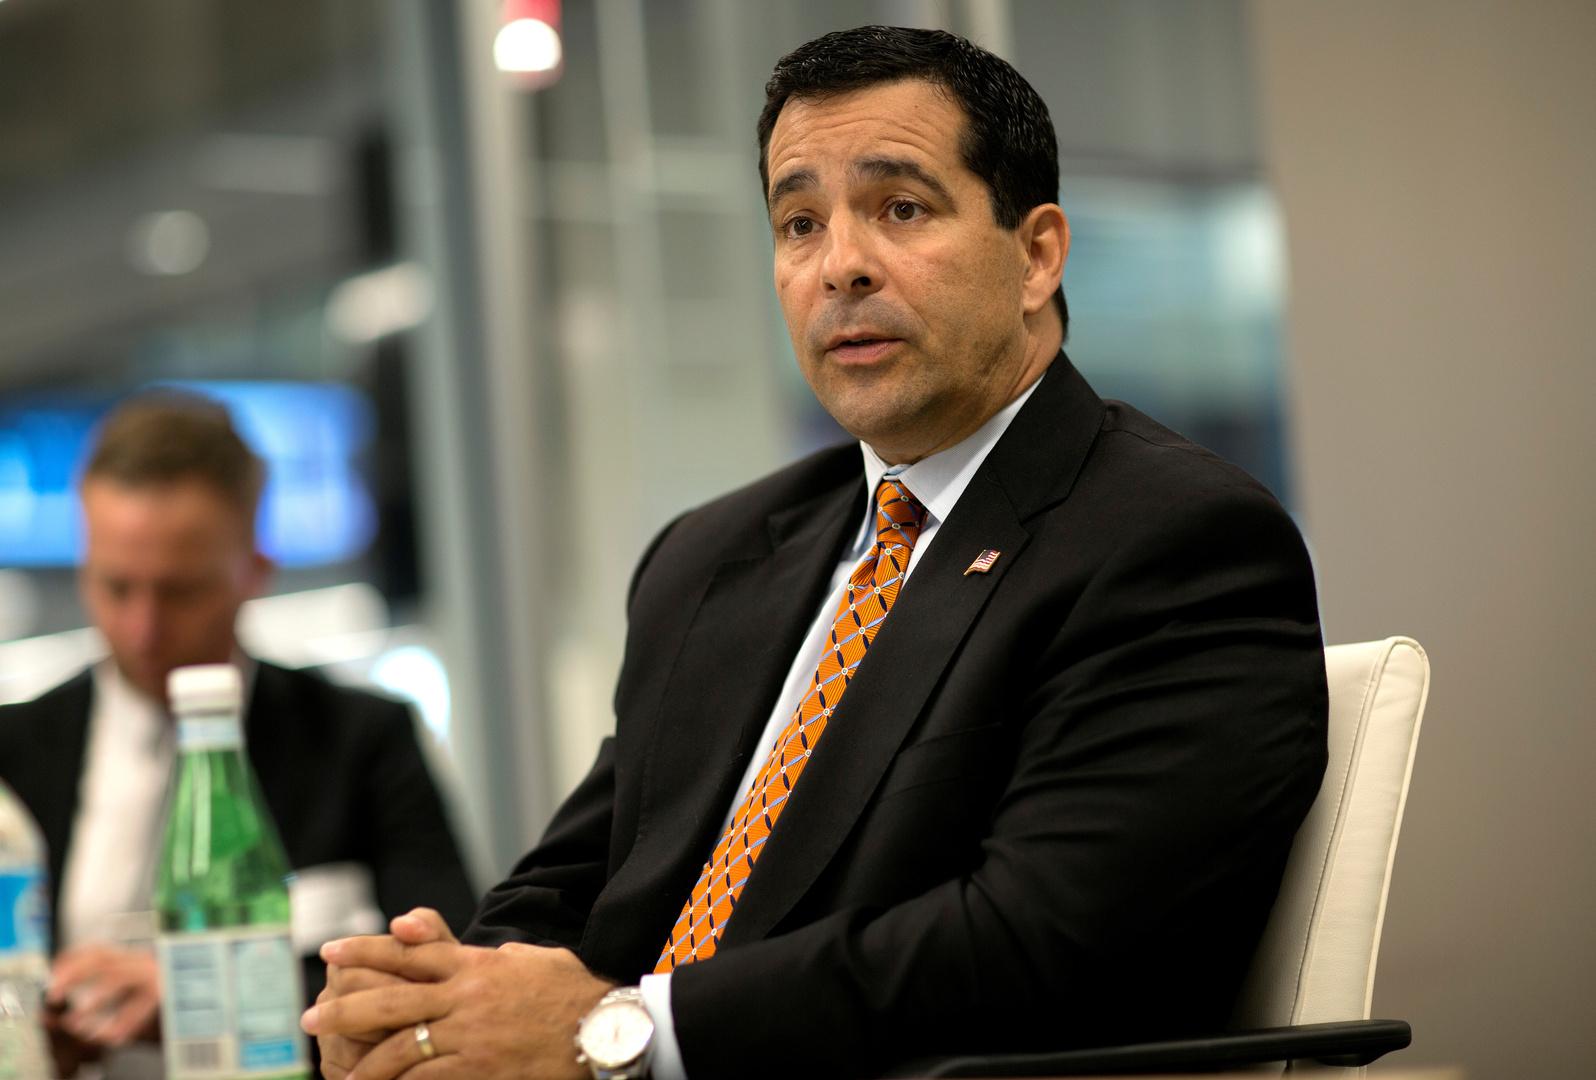 مدير المكتب الوطني الأمريكي للأمن ومكافحة التجسس، ويليام إيفانينا